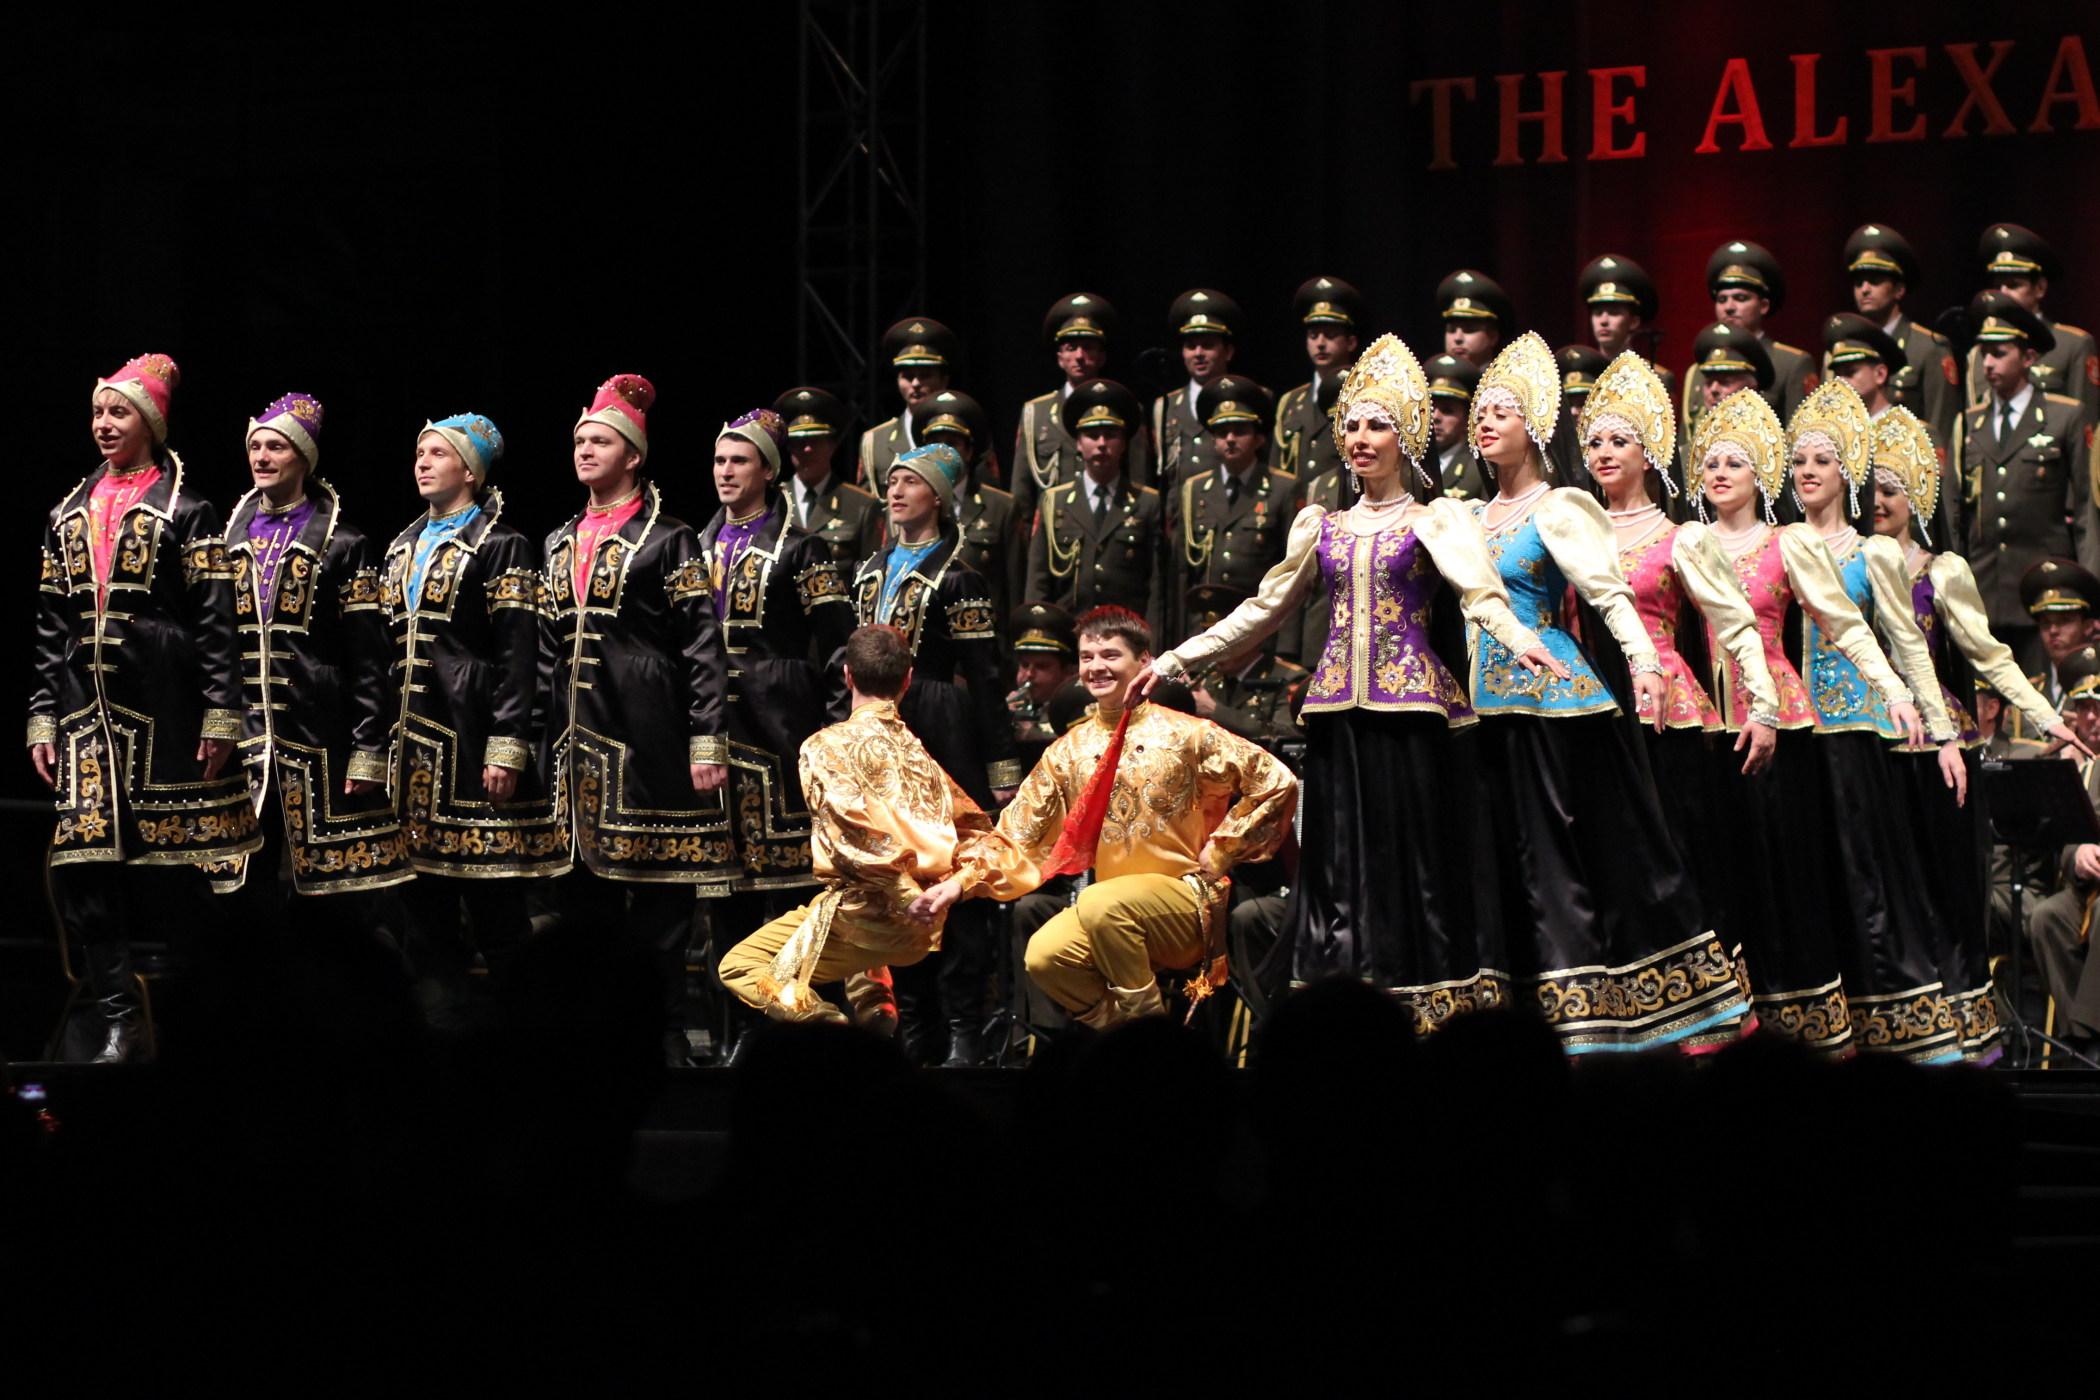 alexandrovci-2012-zvolen-26